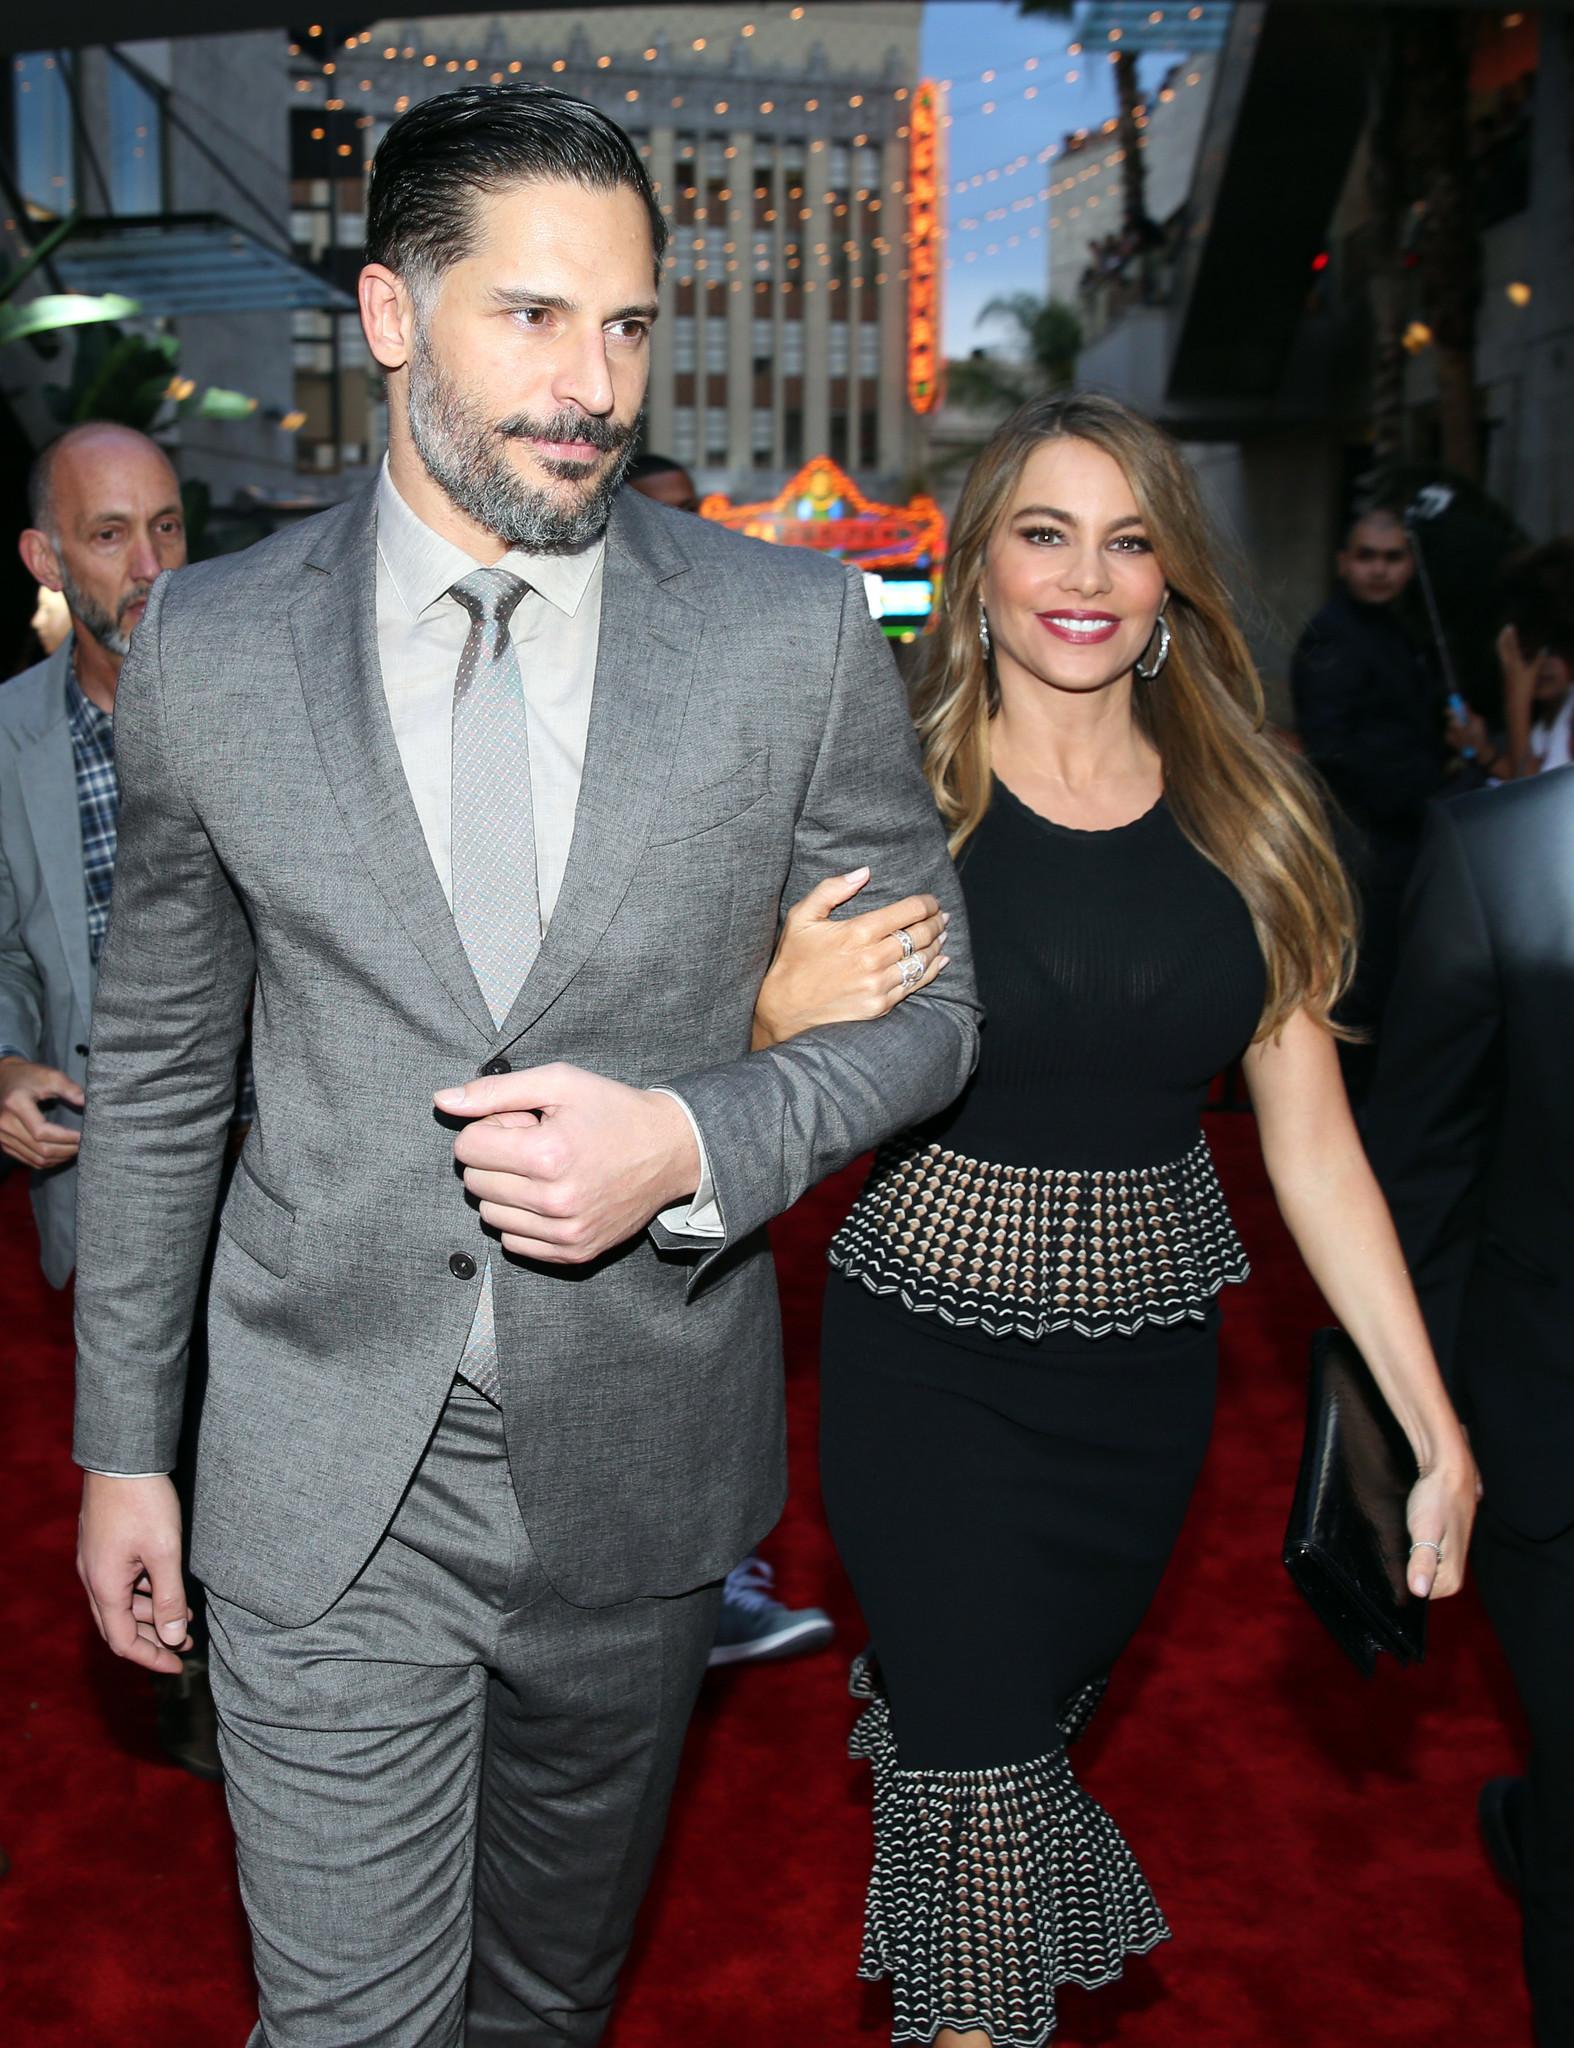 Sofia Vergara and Joe Manganiello Celebrate 5-Year Dating Anniversary